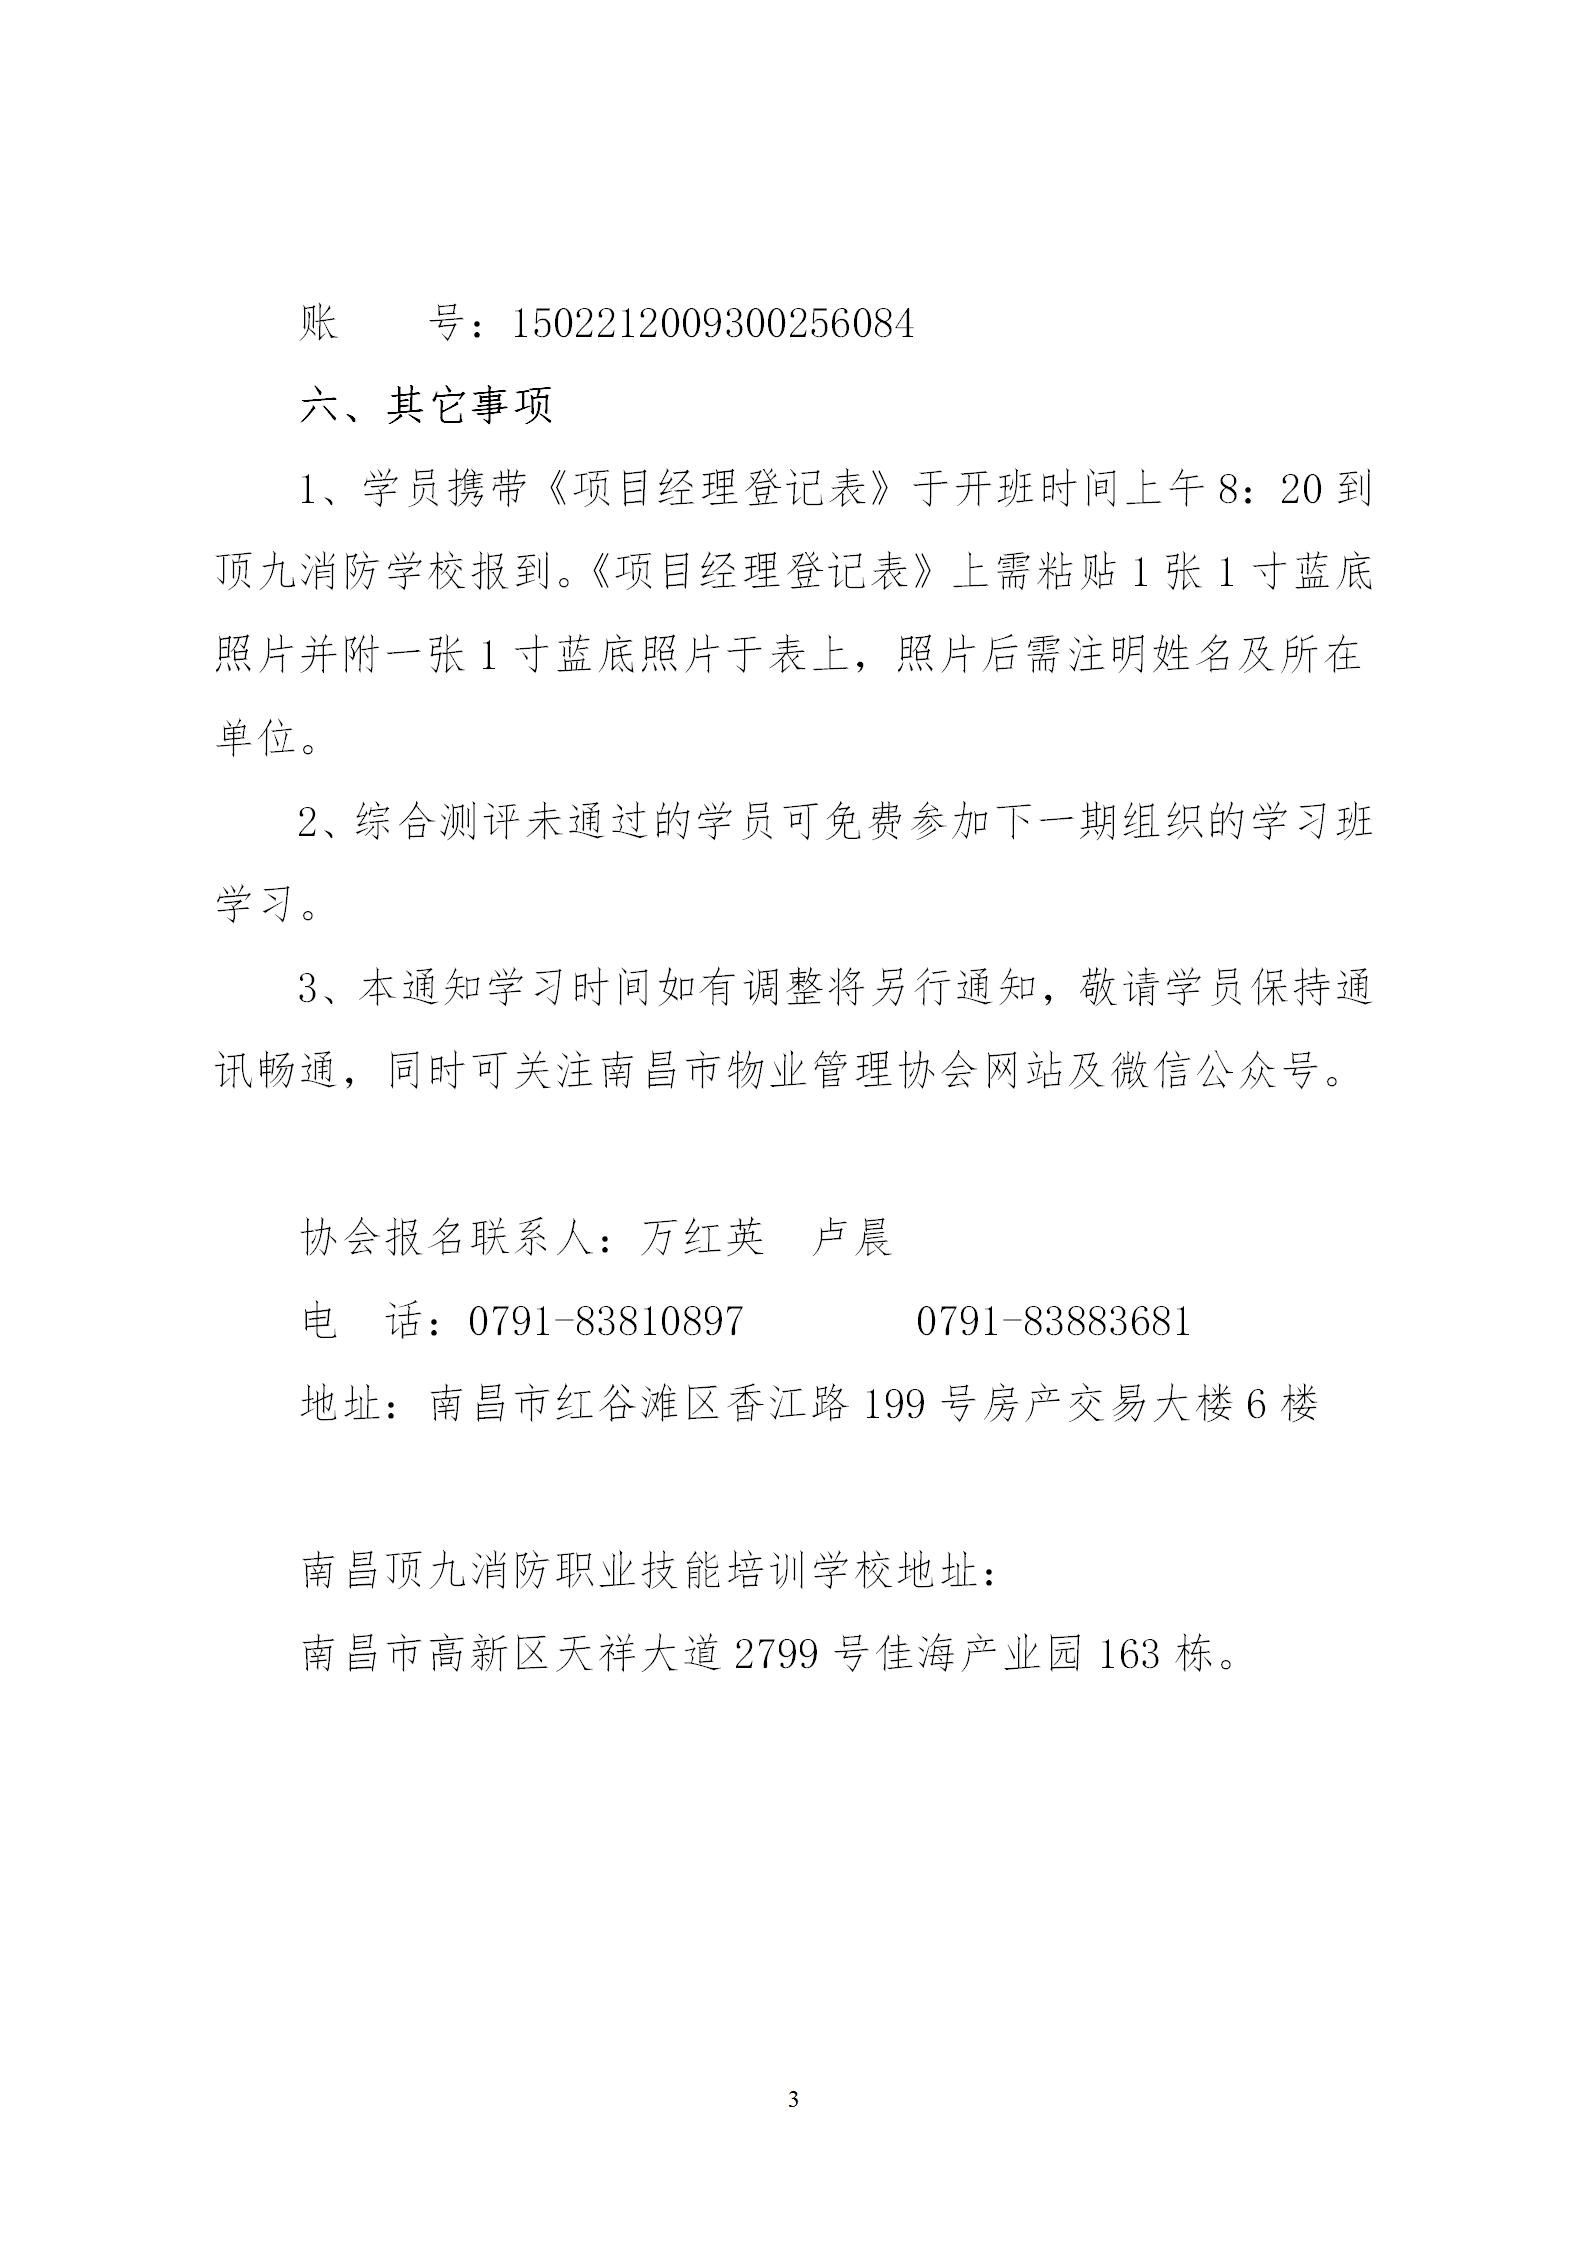 洪物协字[2020]10号 关于举办南昌市物业服务项目经理学习班的通知_03.png